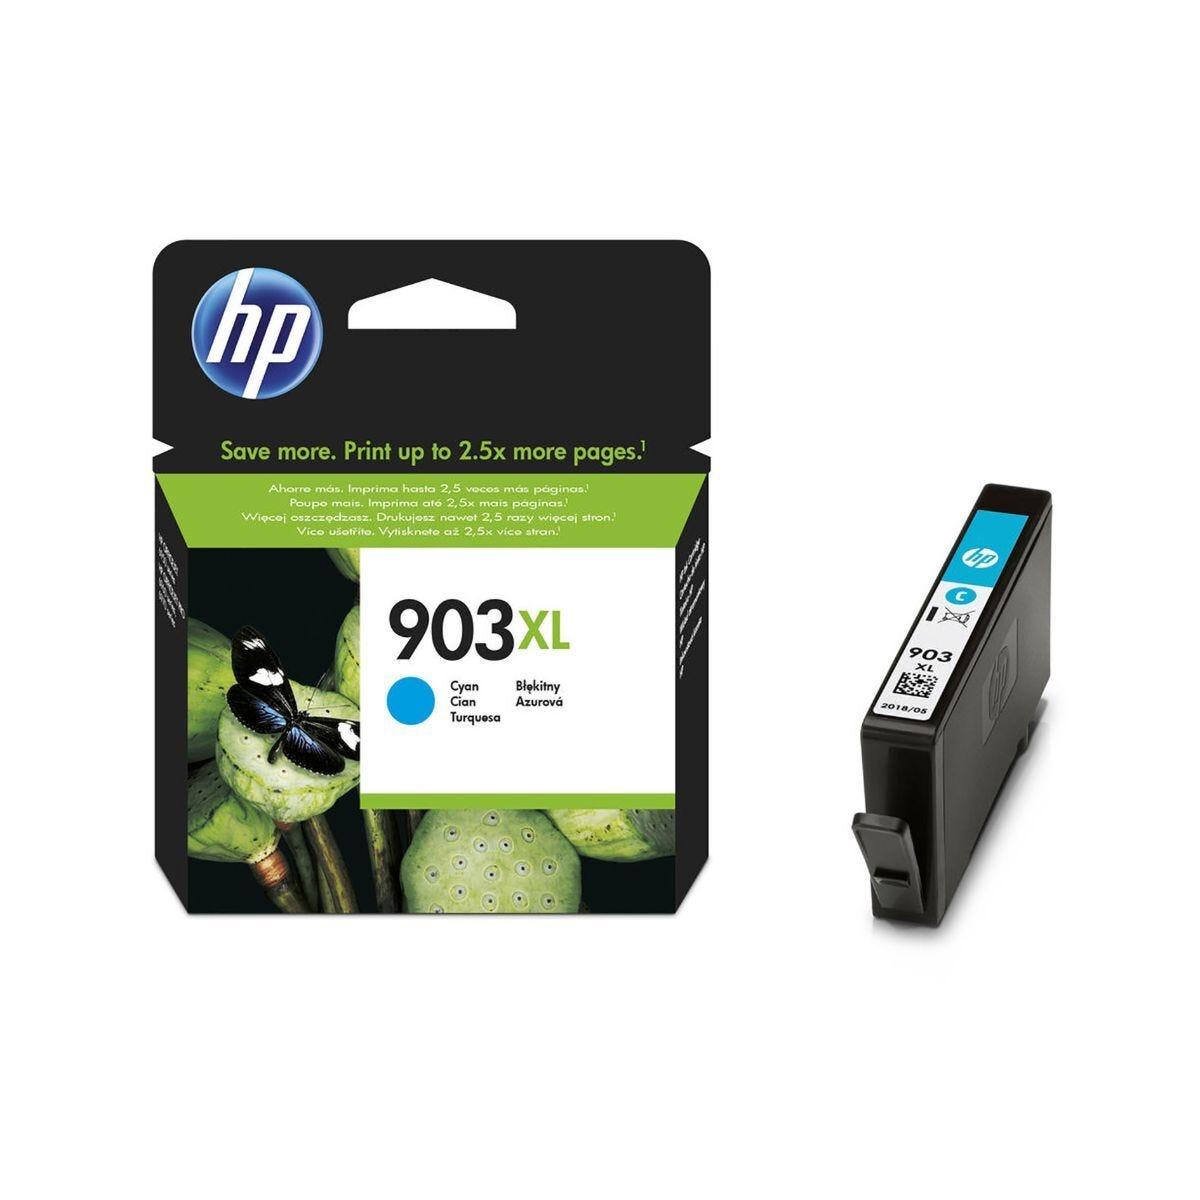 HP 903XL Ink Cartridge Cyan